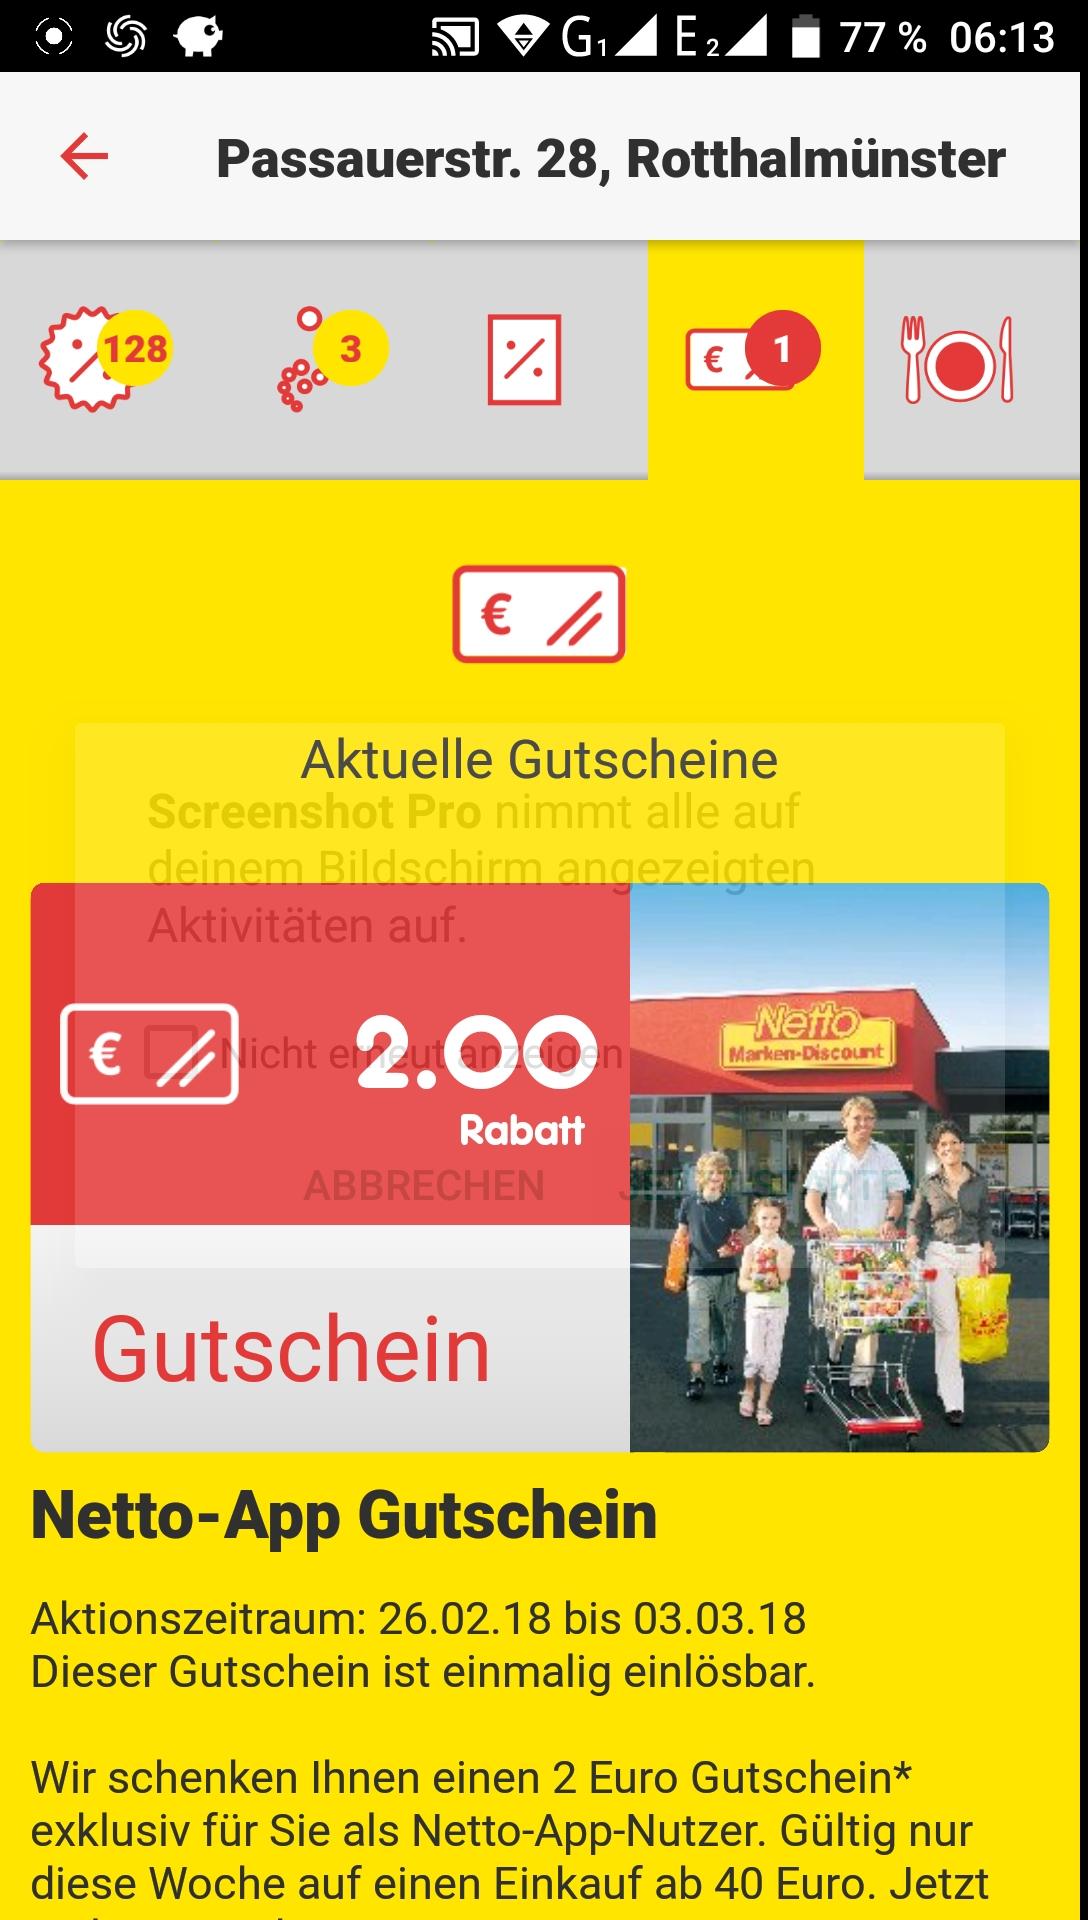 Lokal Netto 2 Euro ab 40 Euro Einkaufen